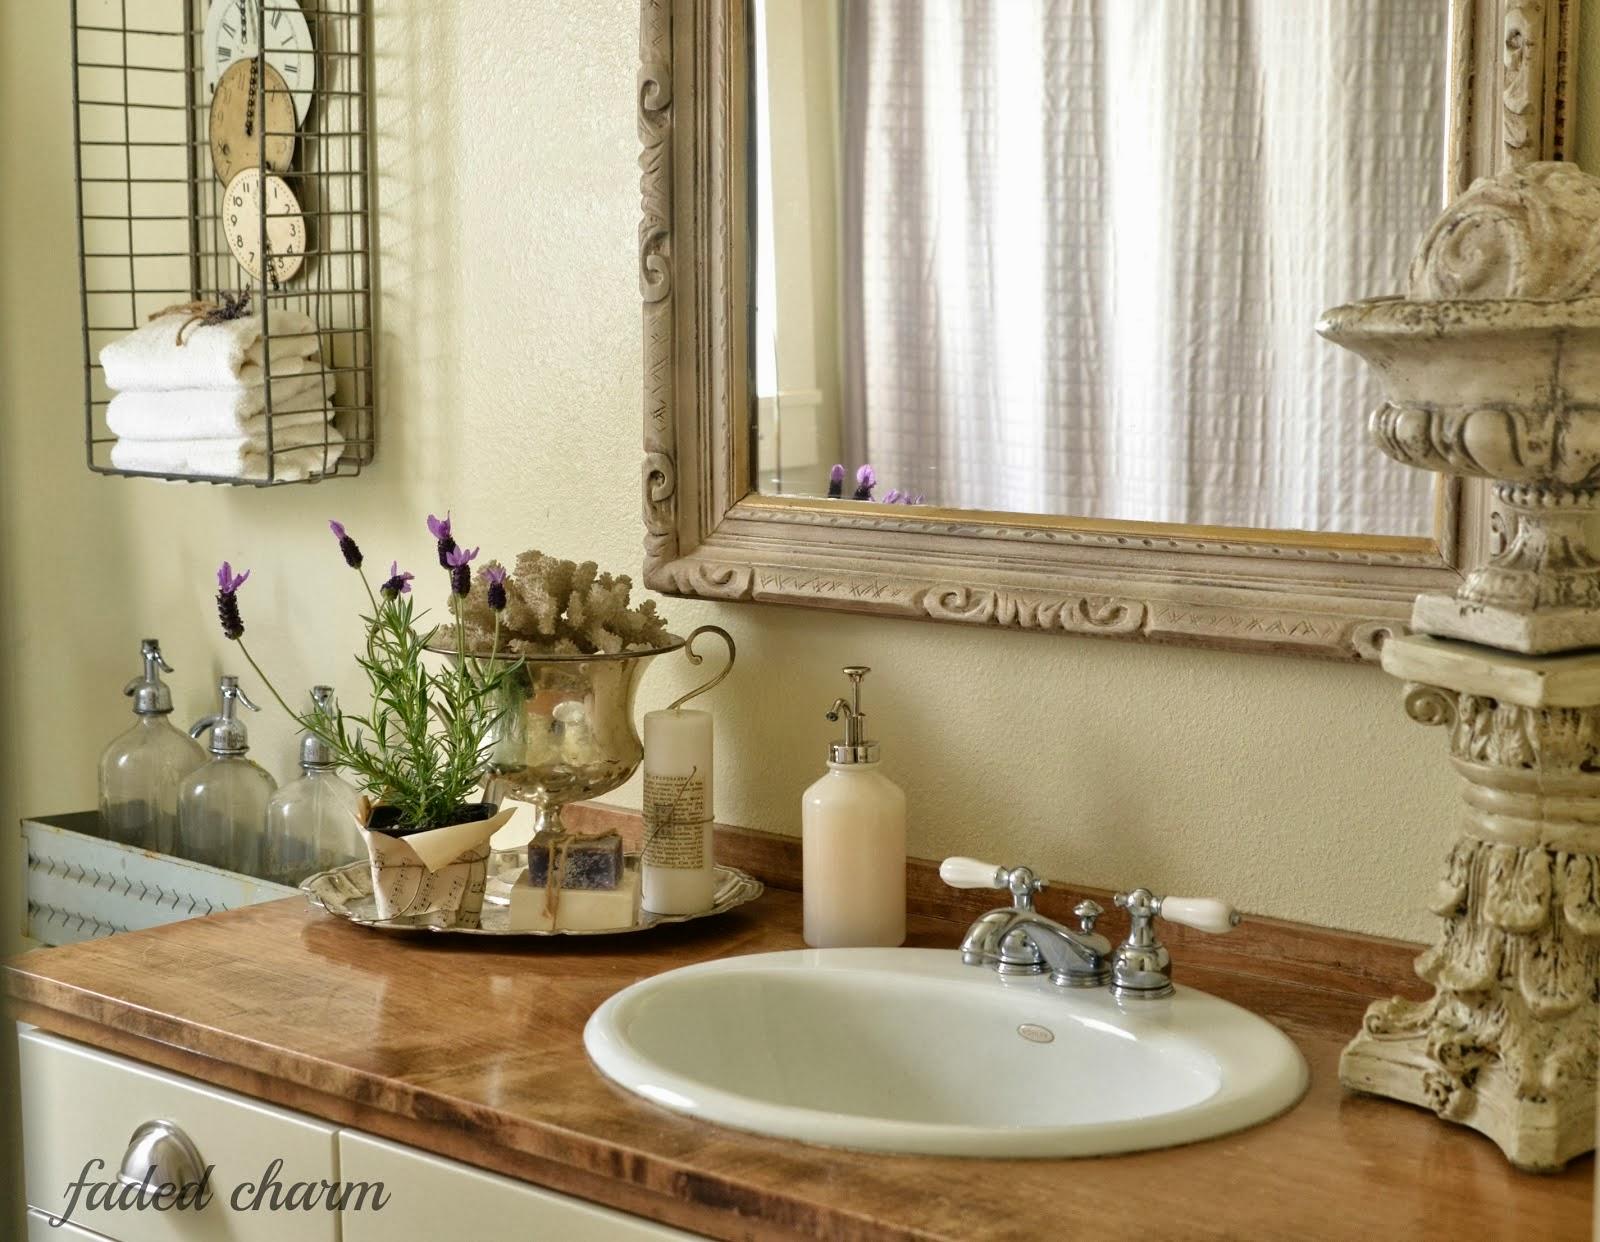 Ivalook for Bathroom designs gauteng